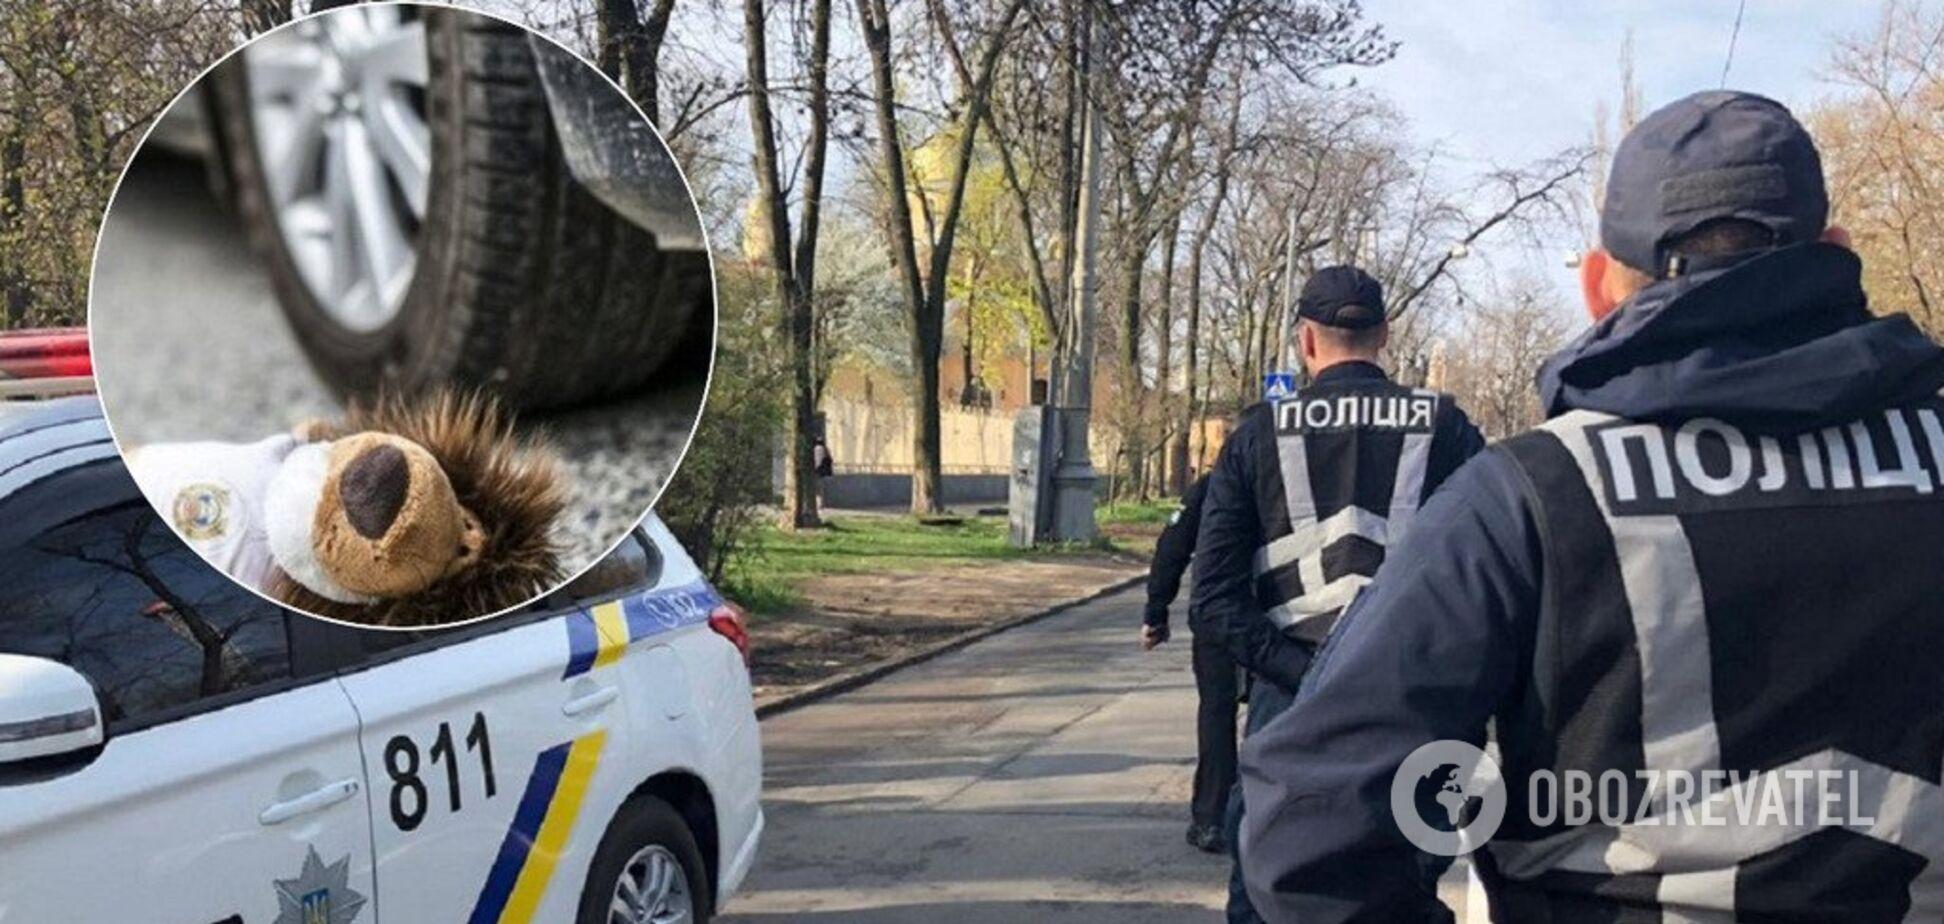 Сбил и скрылся: в Киеве нашли водителя, наехавшего на мальчика во дворе